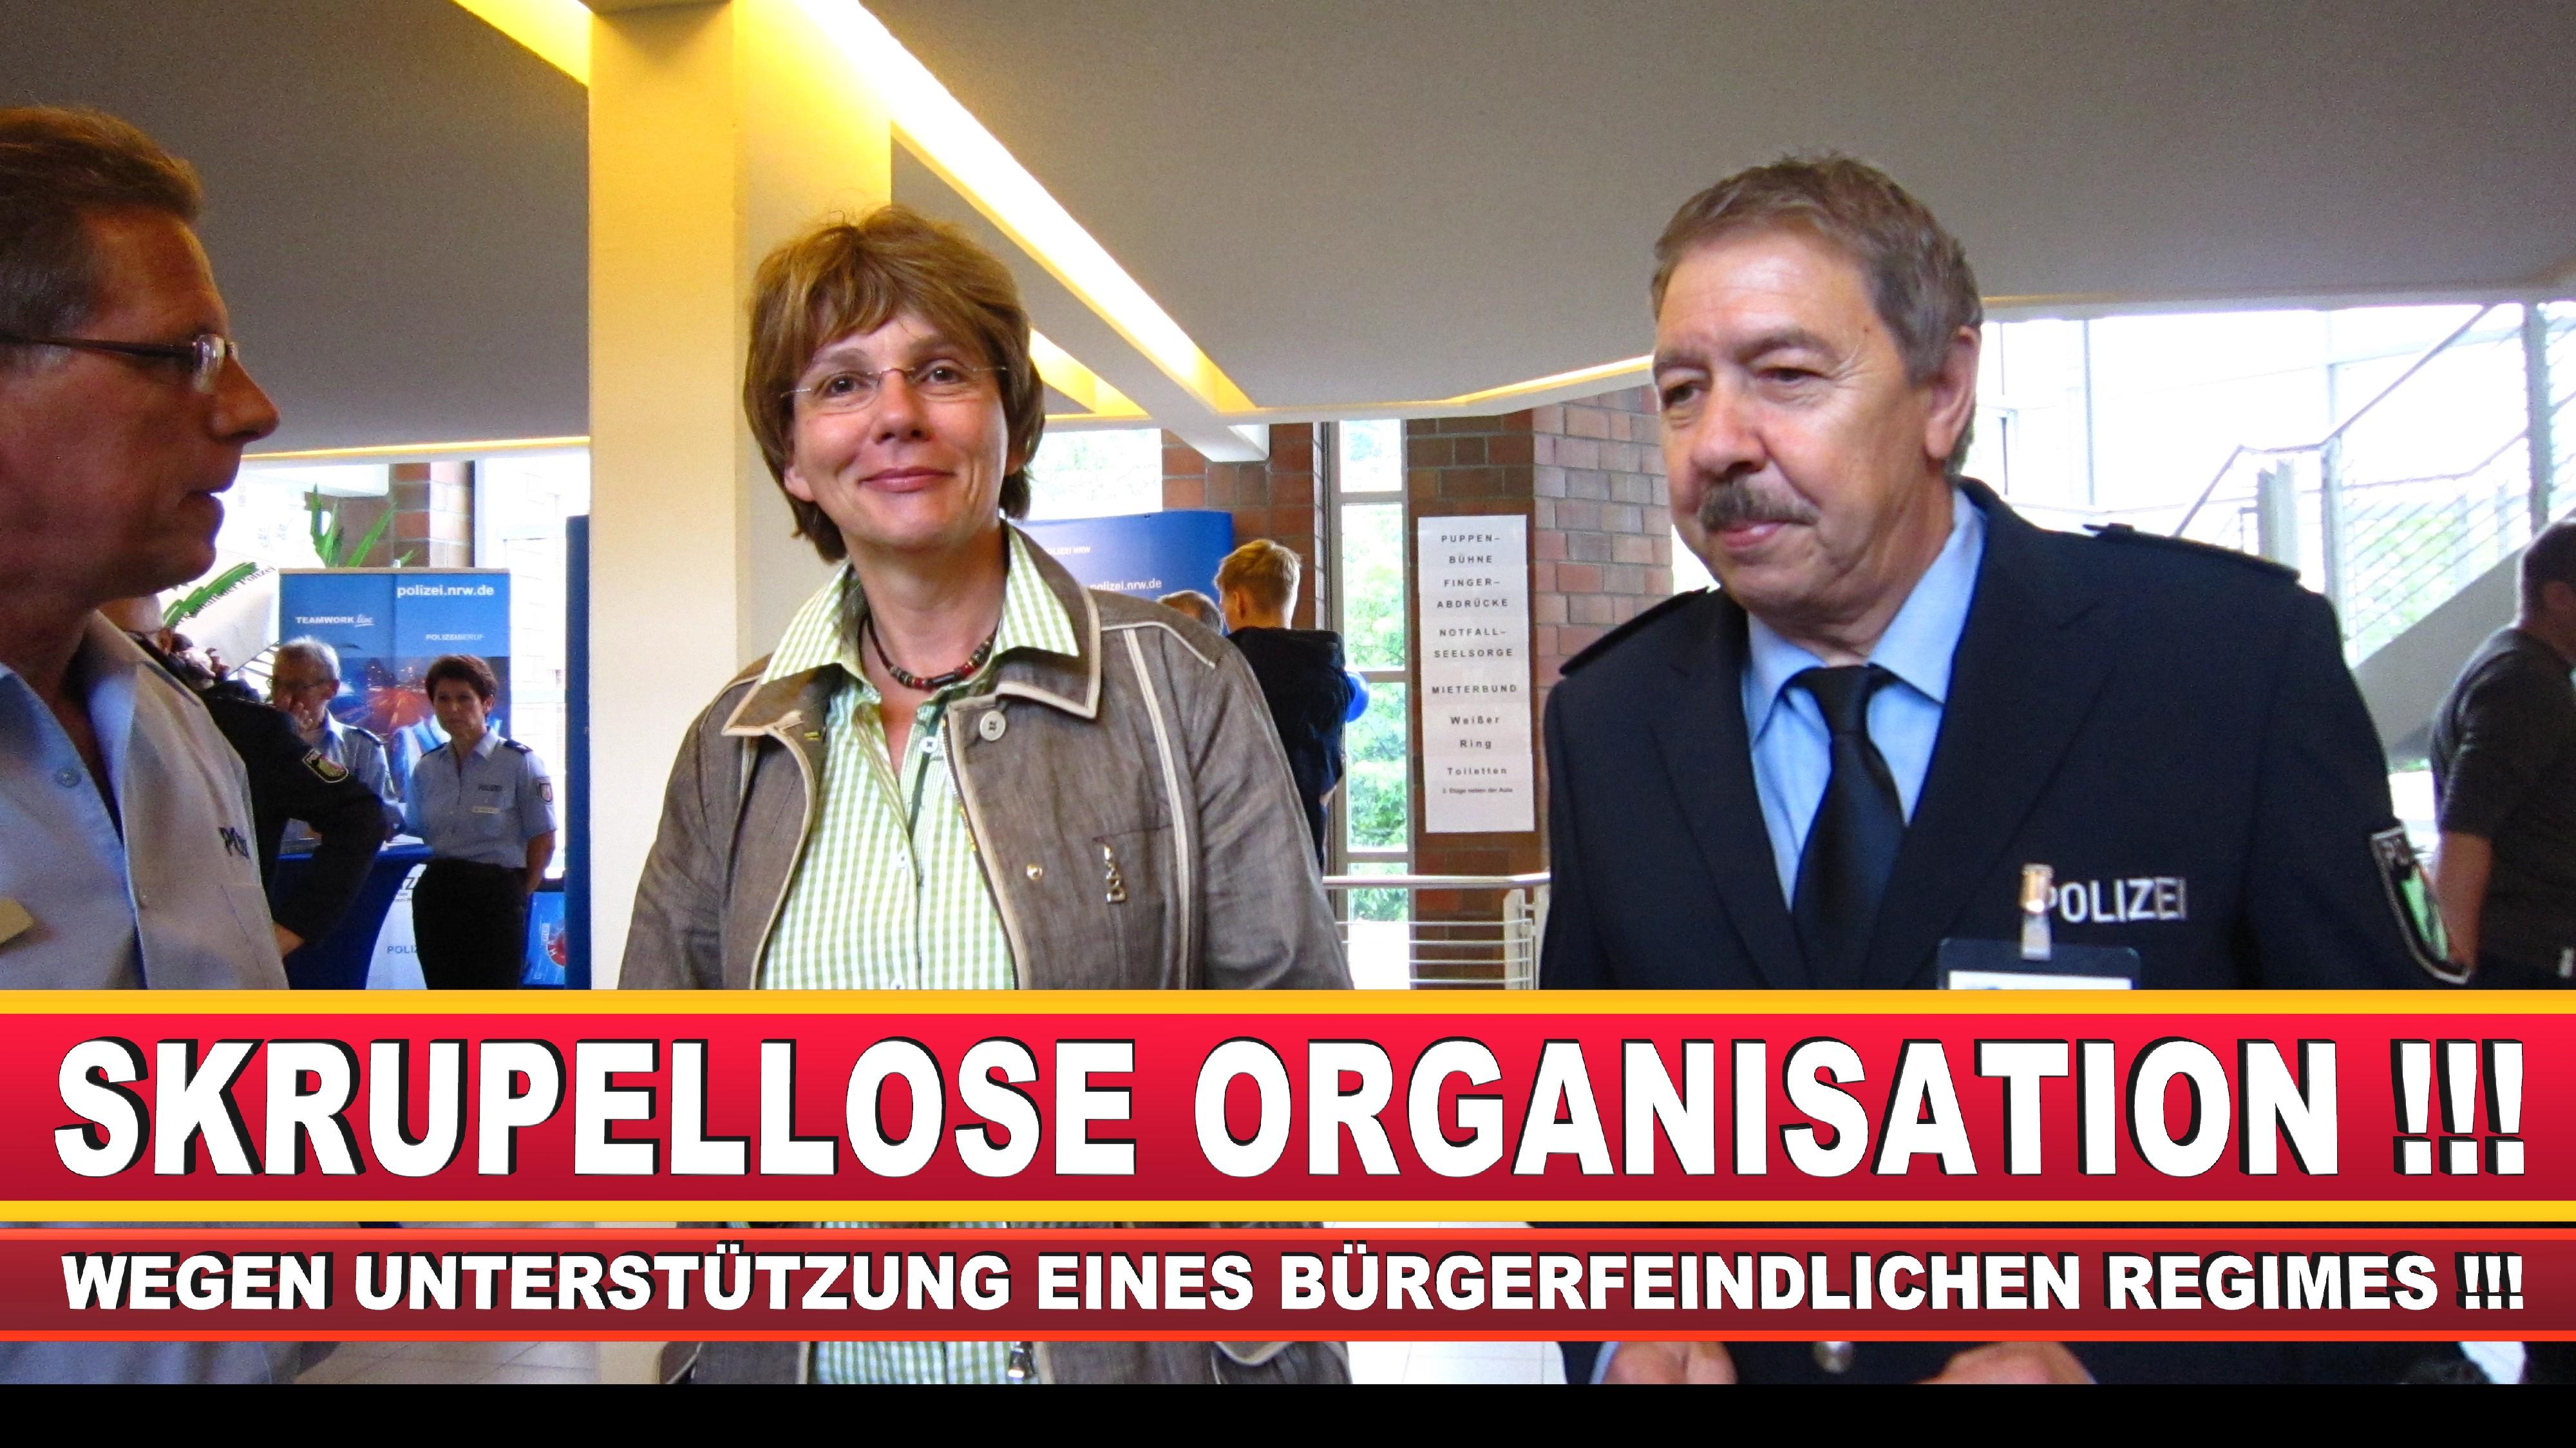 Polizeipräsidentin Katharina Giere Polizei Bielefeld NRW Erwin Südfeld Horst Kruse Polizeiuniform Polizeigewalt DEMONSTRATION Bahnhof (14)